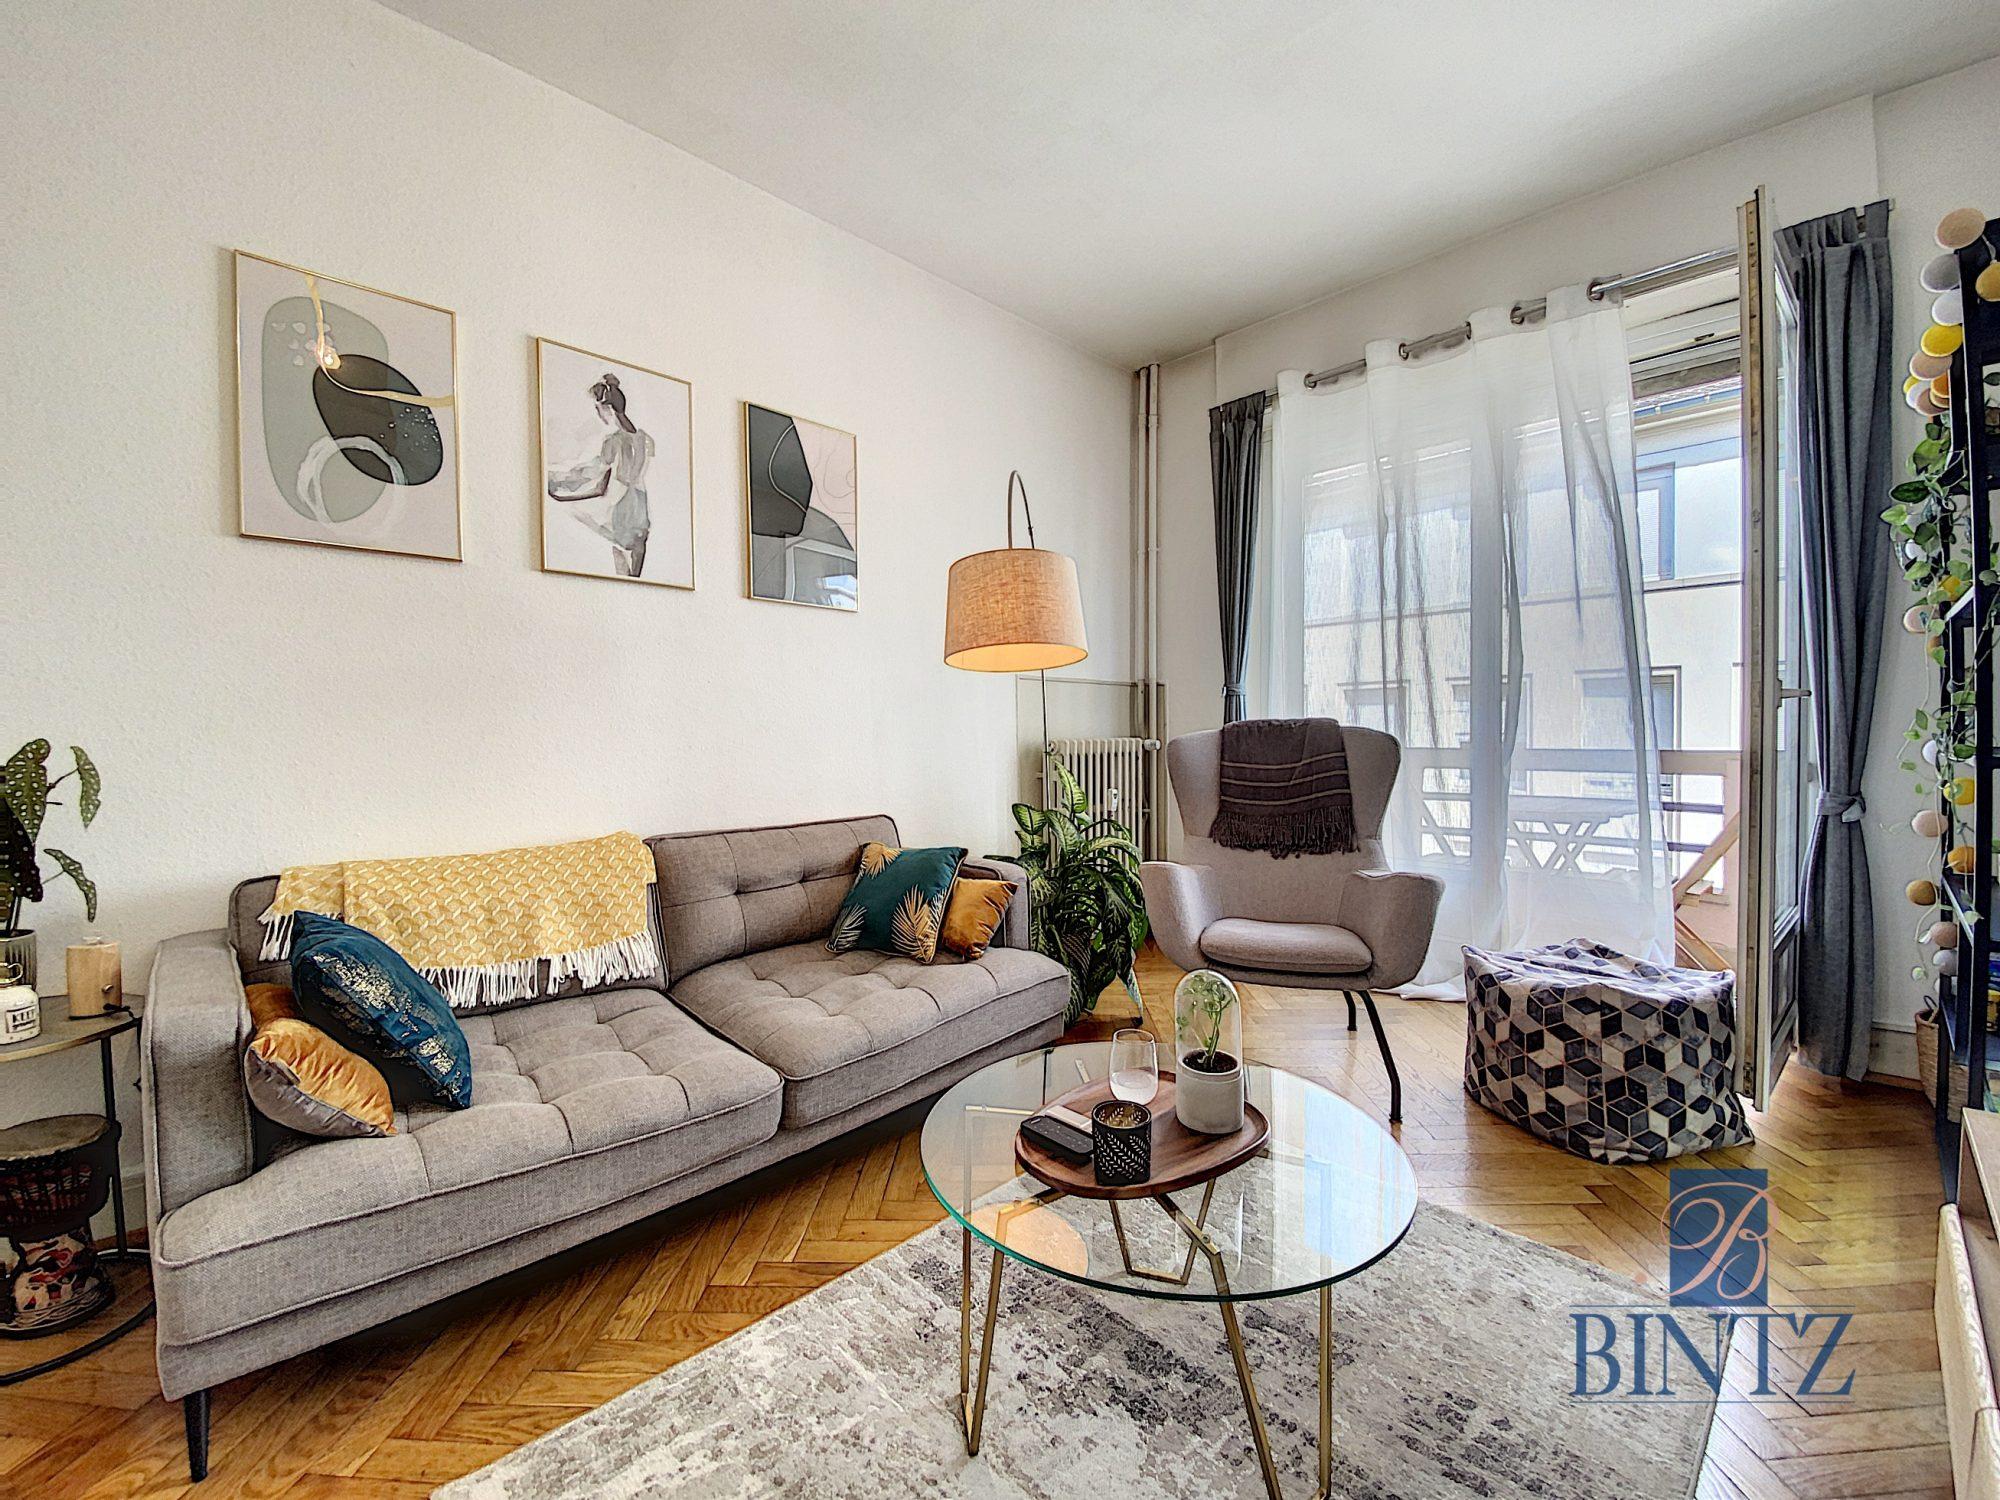 2 PIECES AVEC BALCON KRUTENAU - Devenez locataire en toute sérénité - Bintz Immobilier - 1